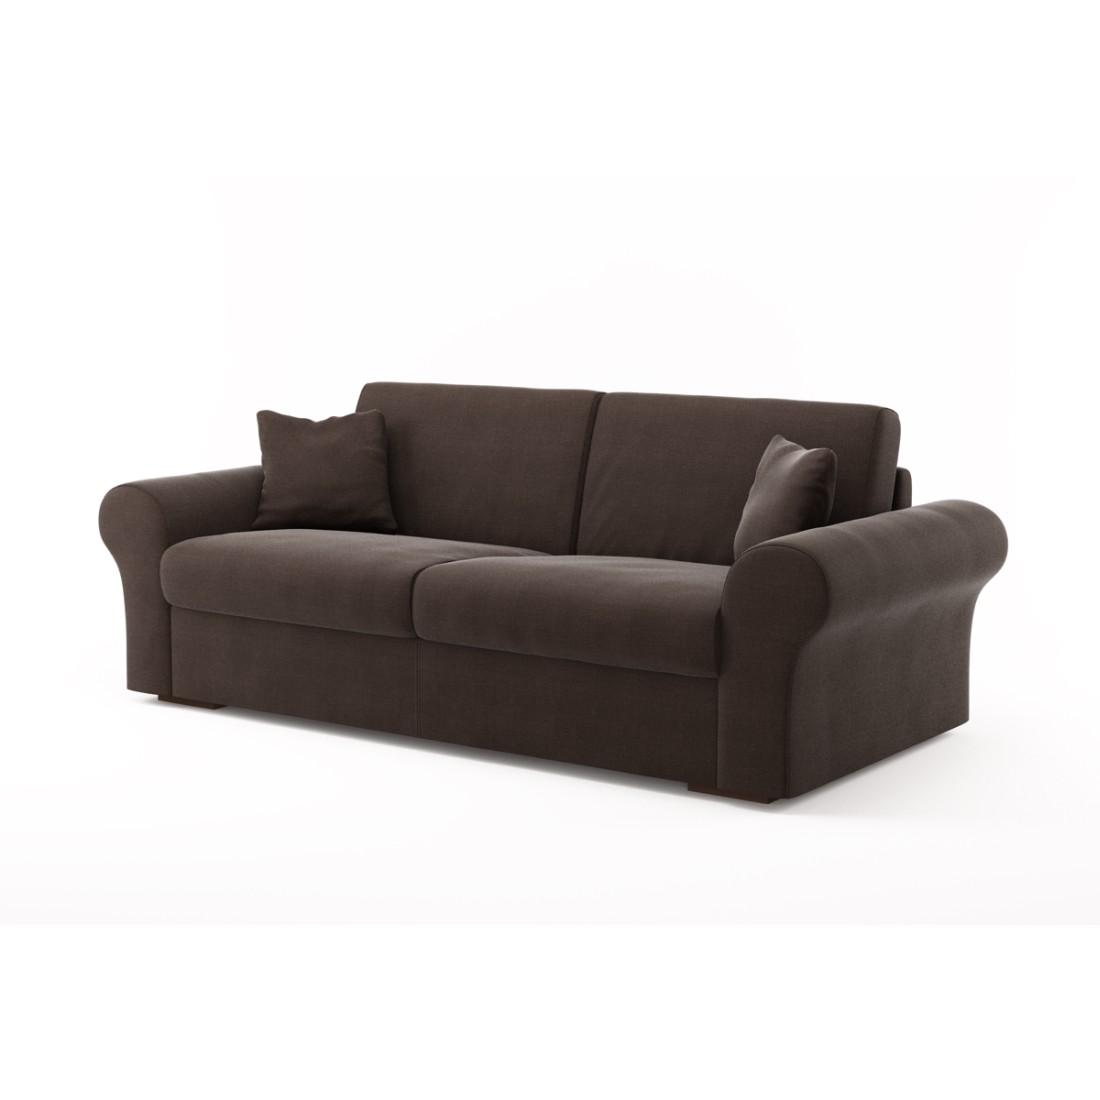 Schlafsofa Novo (3-Sitzer) – Luna Comfort 6 154 (Marron), Von Wilmowsky jetzt bestellen